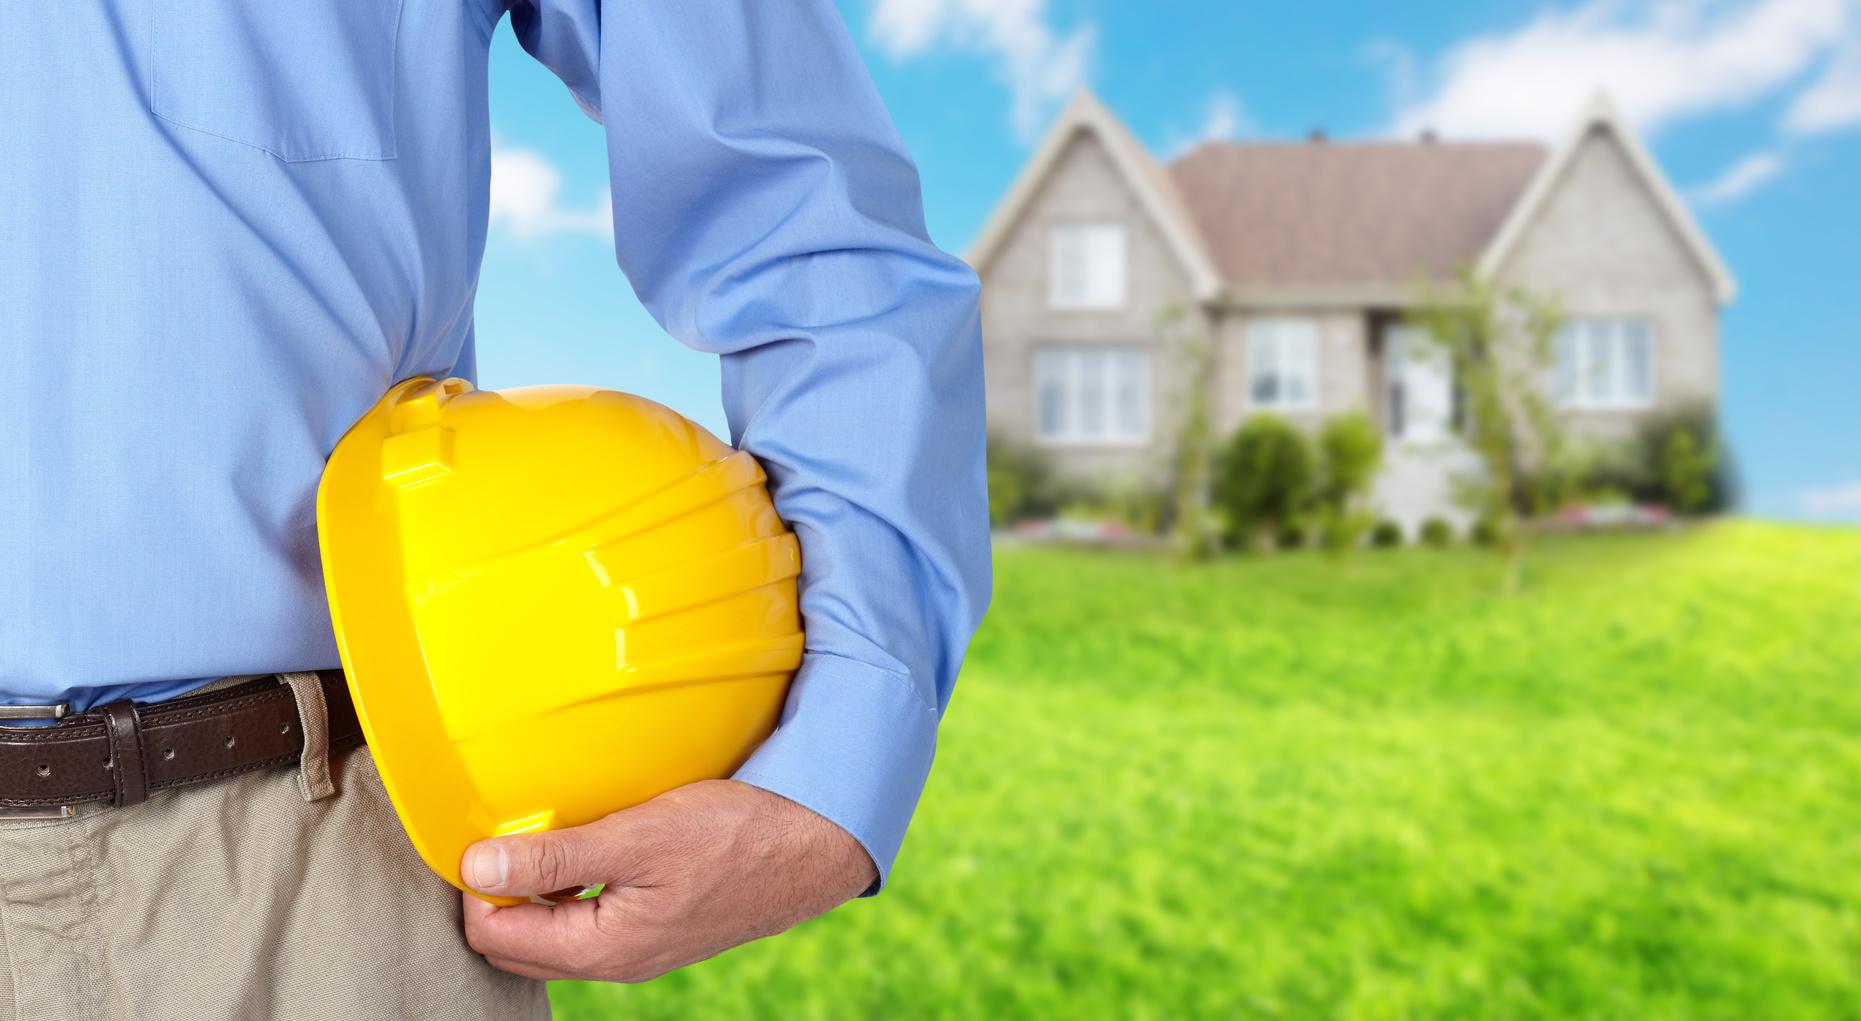 ゼロエネルギー住宅(ZEH)普及のカギは、中小工務店や設計事務所!